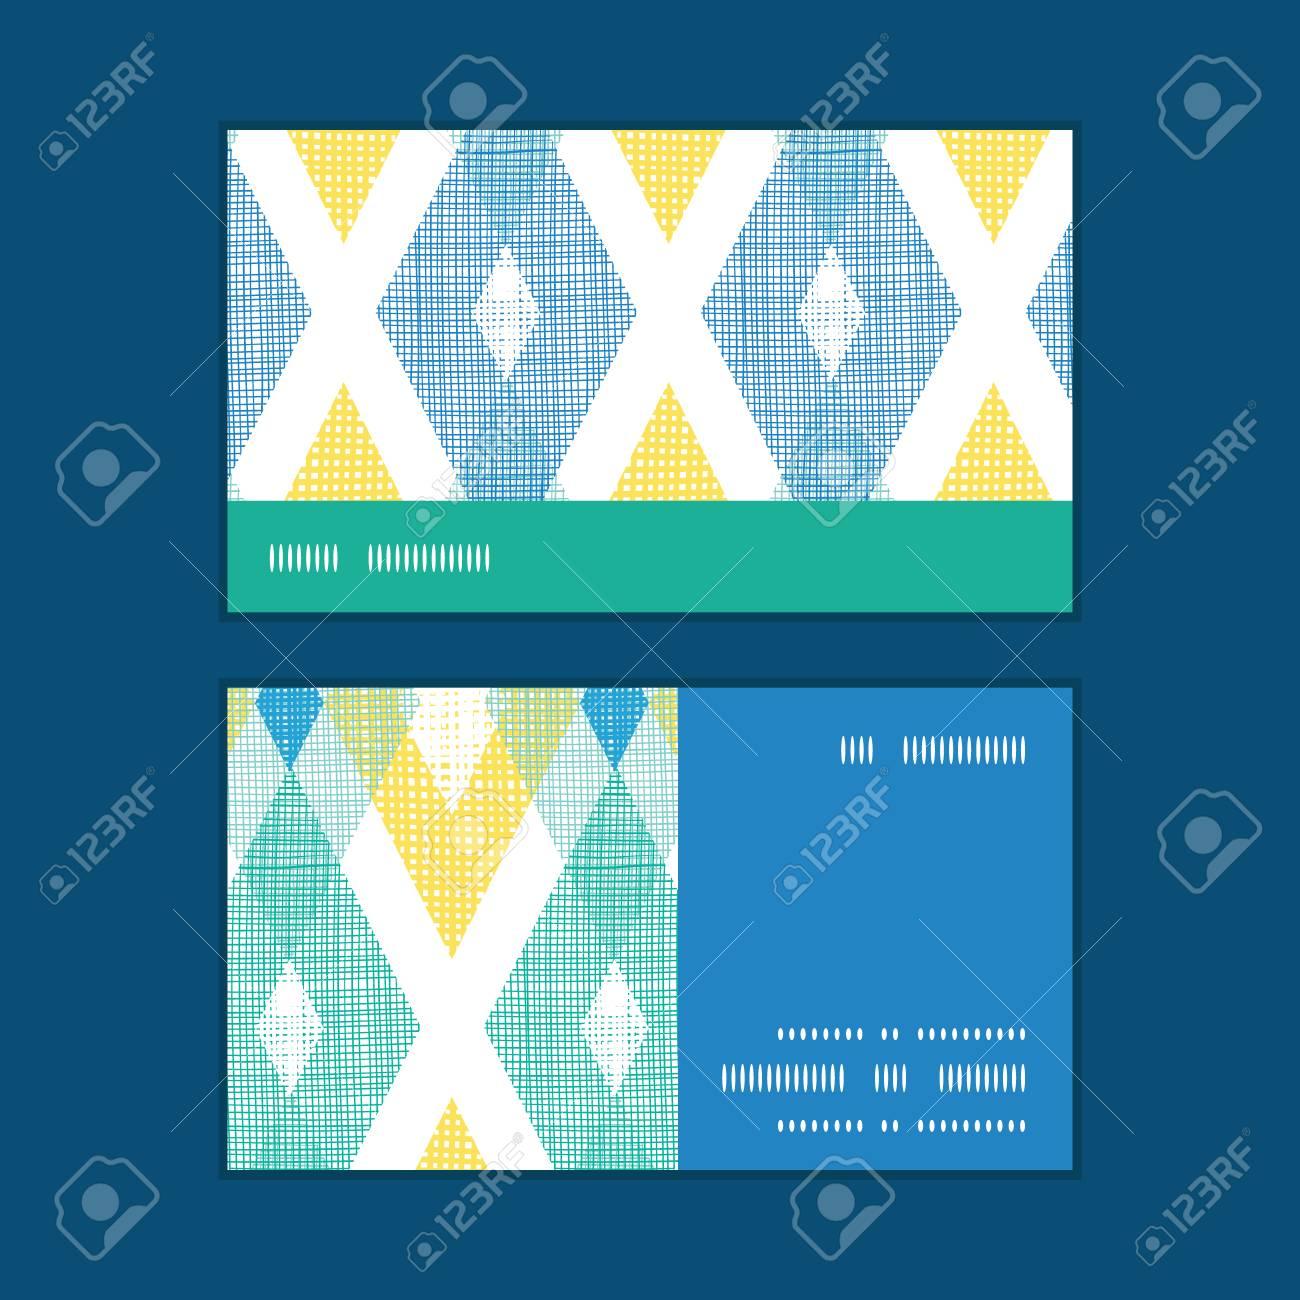 Vecteur Color Tissu Ikat Diamant Motif Dencadrement Bande